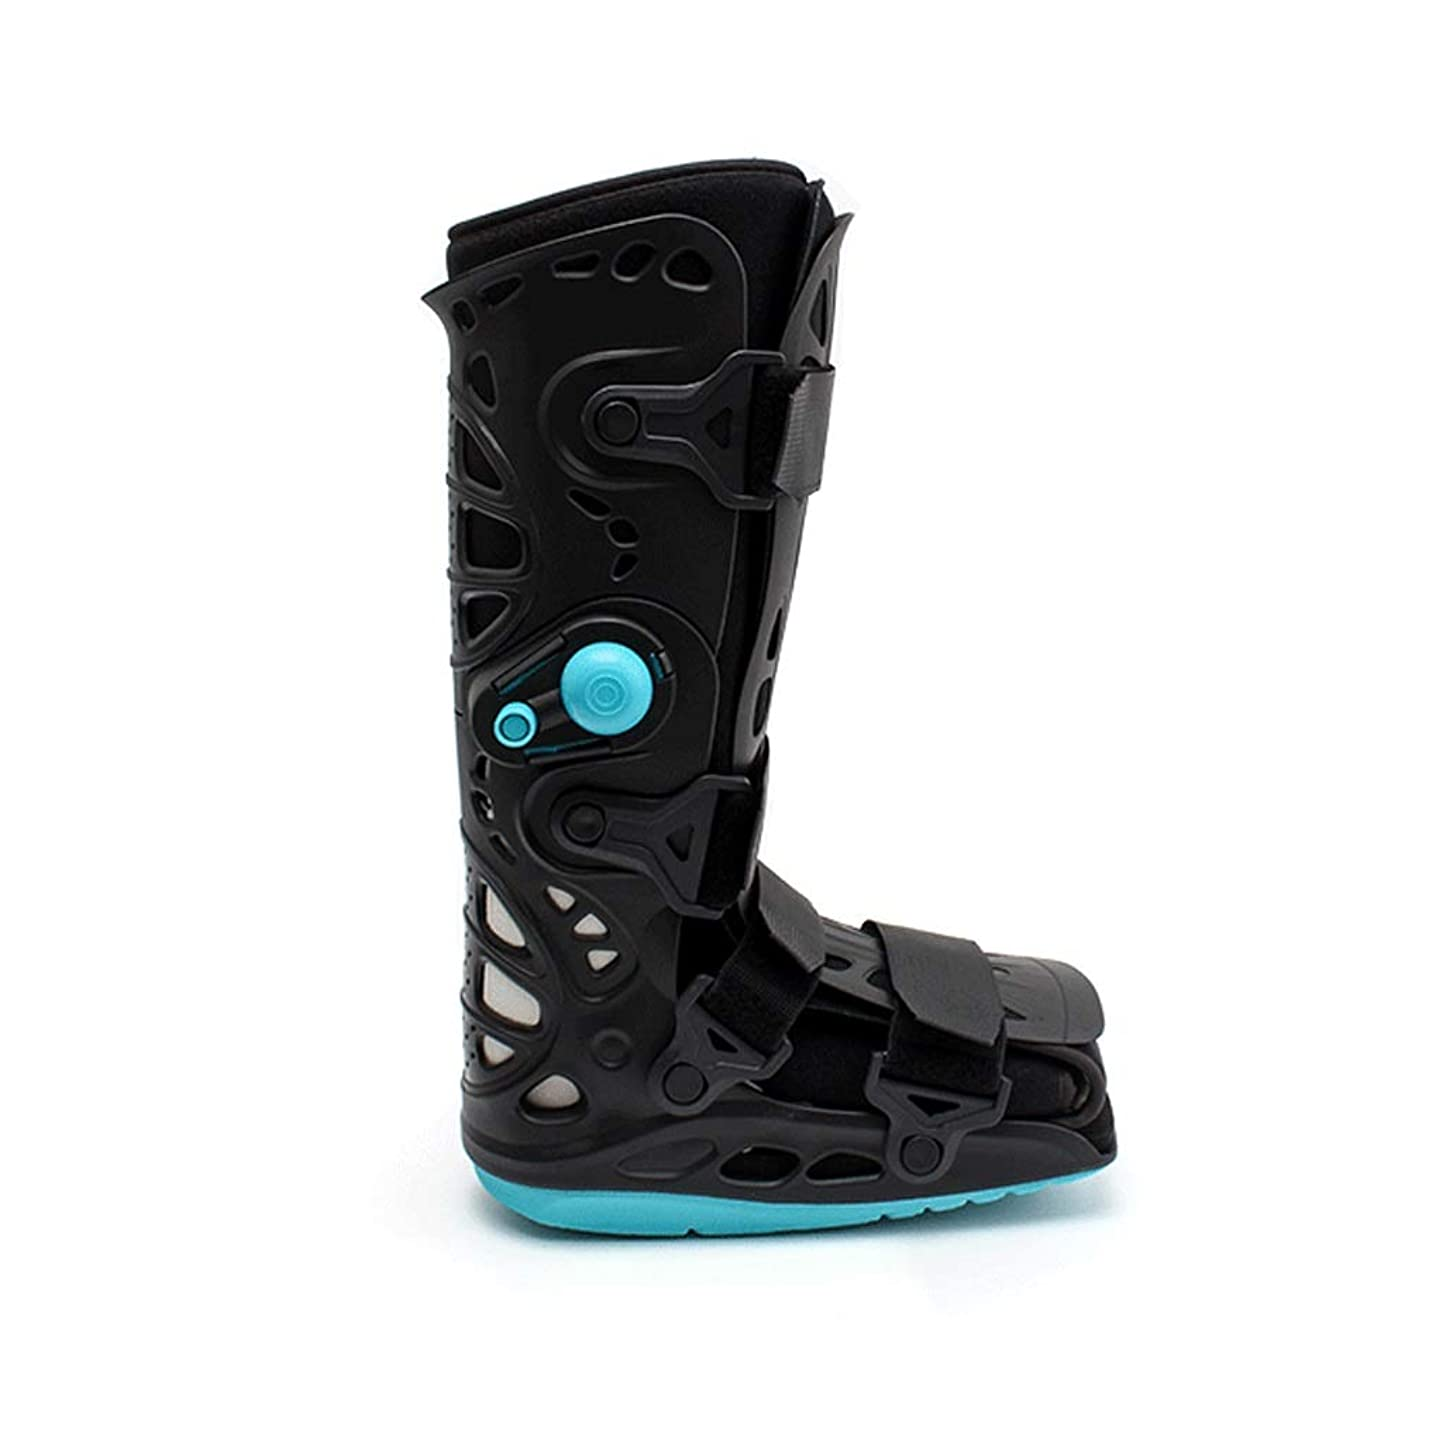 修理工可動式円形の足首足装具、ドロップ足、神経損傷、足の位置、圧力を逃がしのための通気性の破壊ウォーカーブーツ、足首ふくらはぎ破壊リハビリテーション固定されたブラケット、 (Size : M)